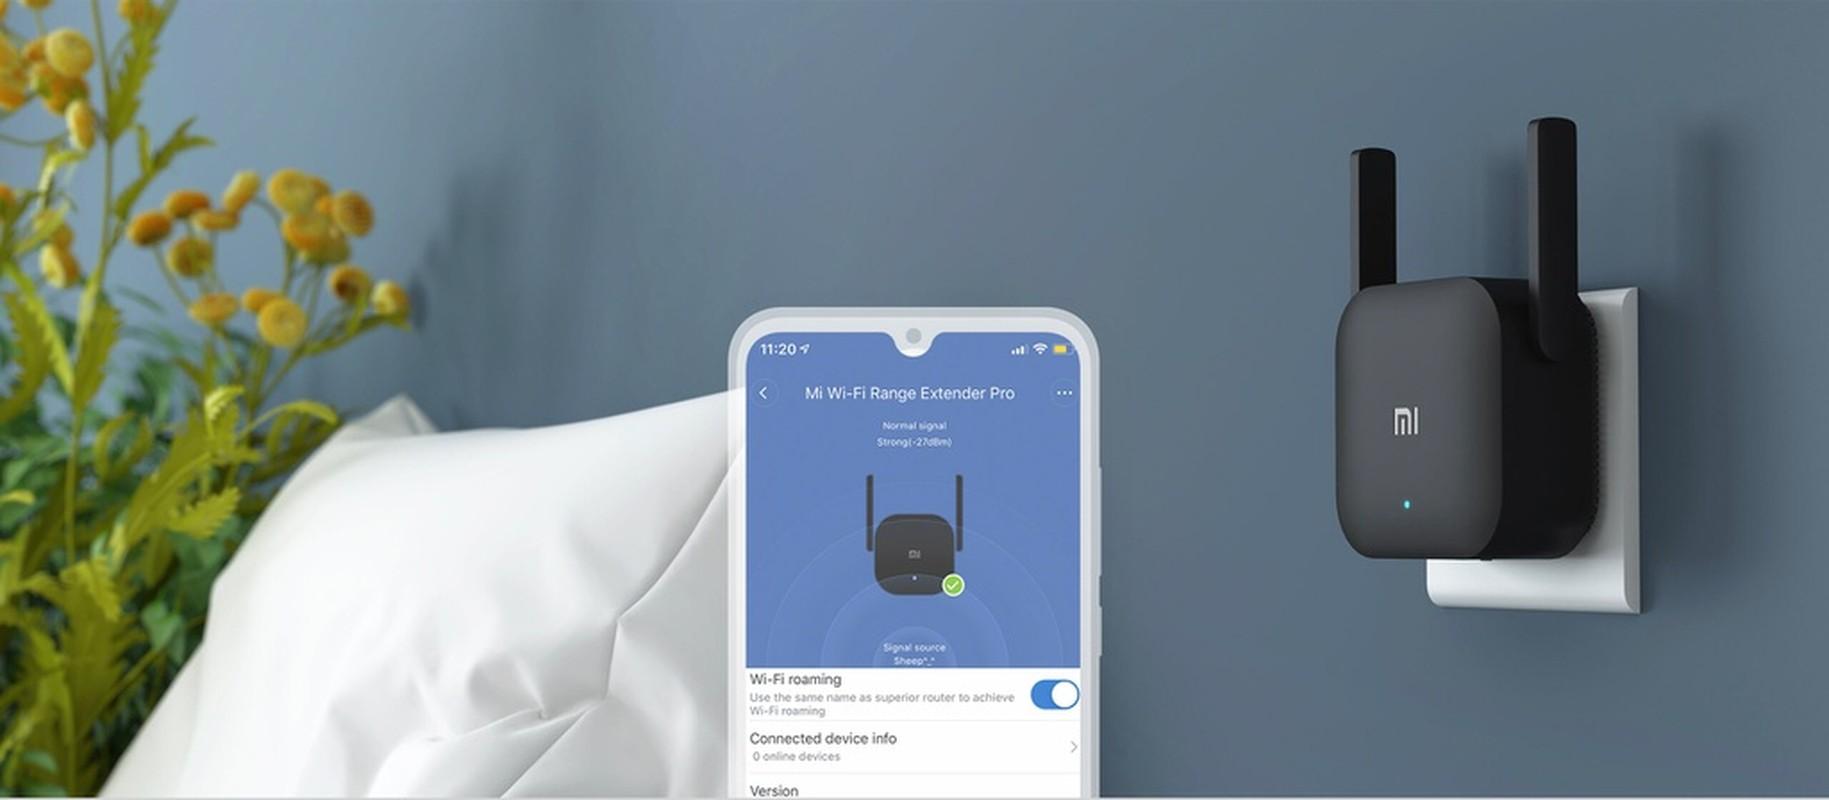 Cach de Wi-Fi nha ban nhanh hon-Hinh-8